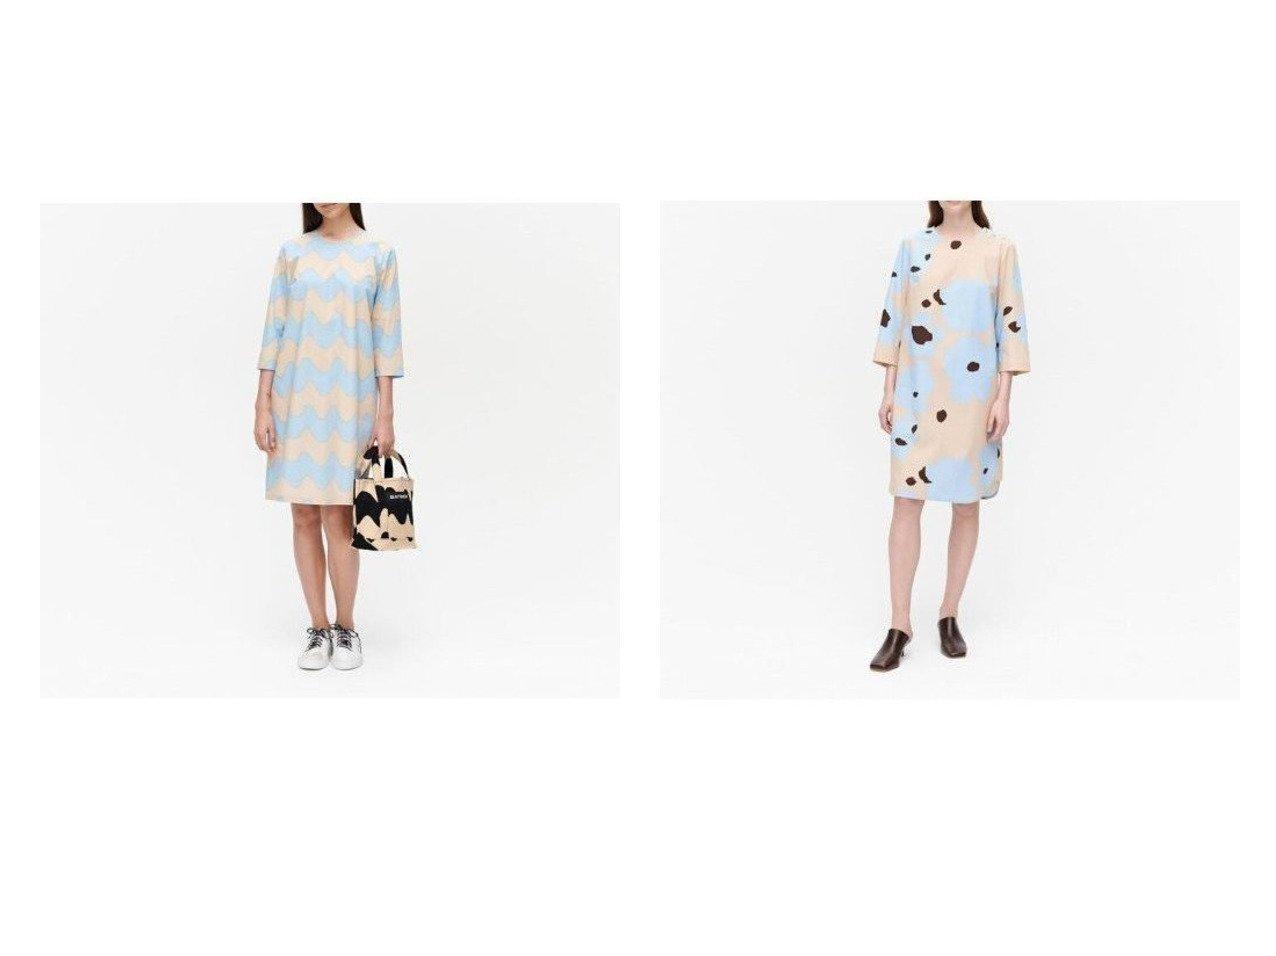 【marimekko/マリメッコ】のHavaittu Pikku Lokki ワンピース&Joukko Liito ワンピース マリメッコのおすすめ!人気、トレンド・レディースファッションの通販 おすすめで人気の流行・トレンド、ファッションの通販商品 メンズファッション・キッズファッション・インテリア・家具・レディースファッション・服の通販 founy(ファニー) https://founy.com/ ファッション Fashion レディースファッション WOMEN ワンピース Dress シンプル プリント リボン ワンポイント ショルダー フェミニン |ID:crp329100000021906